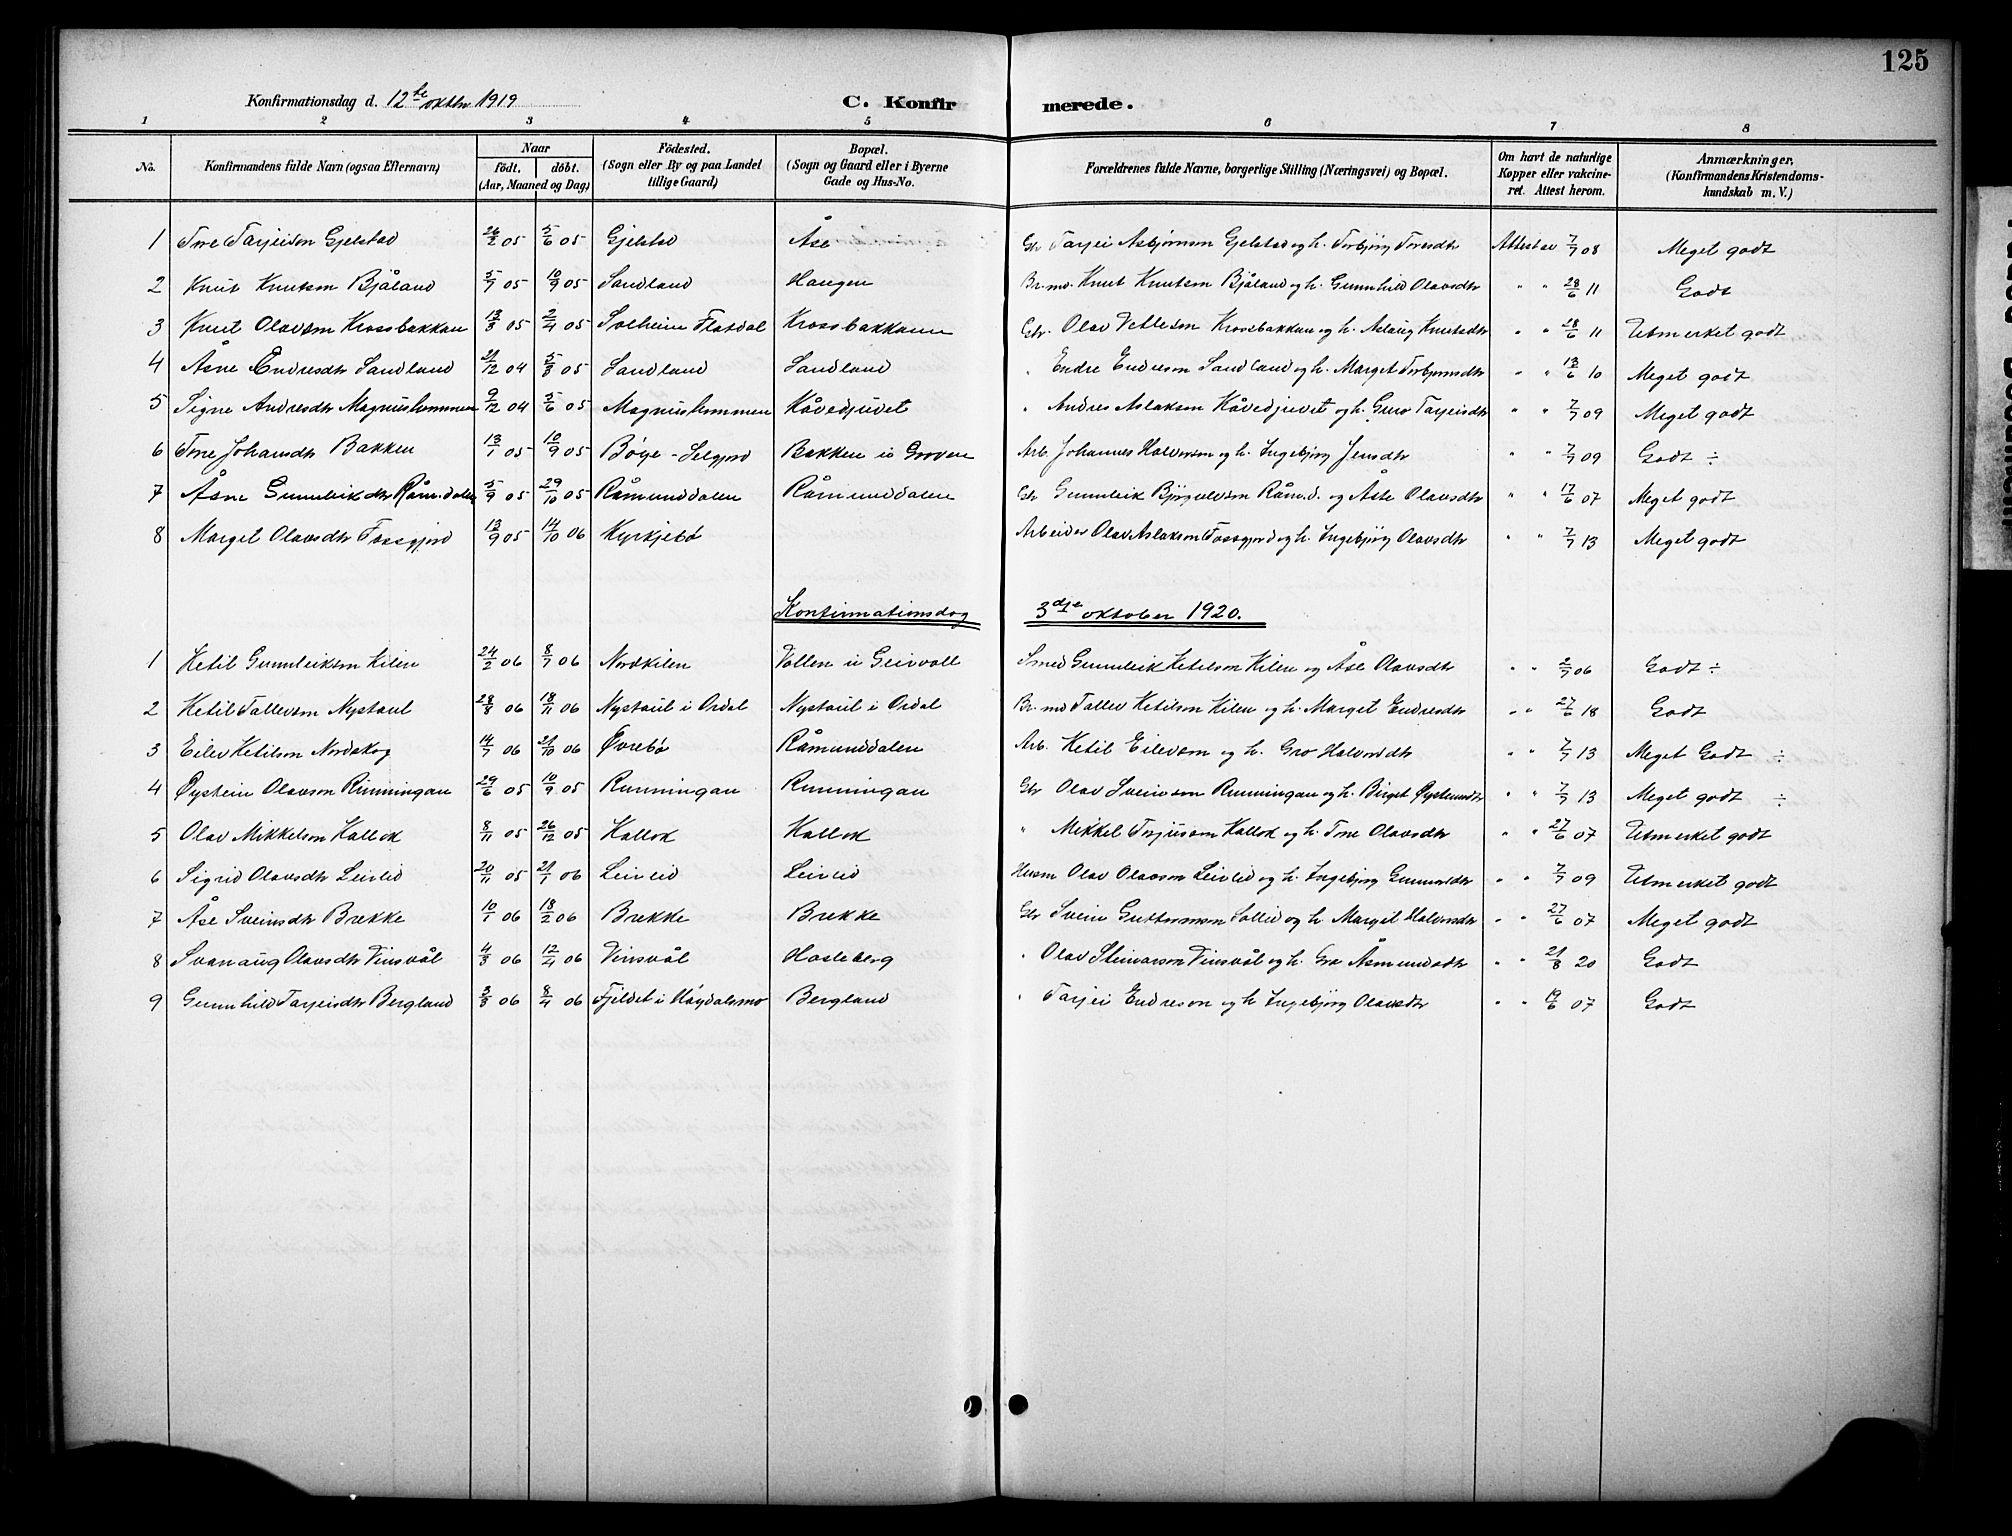 SAKO, Kviteseid kirkebøker, G/Gb/L0003: Klokkerbok nr. II 3, 1893-1933, s. 125